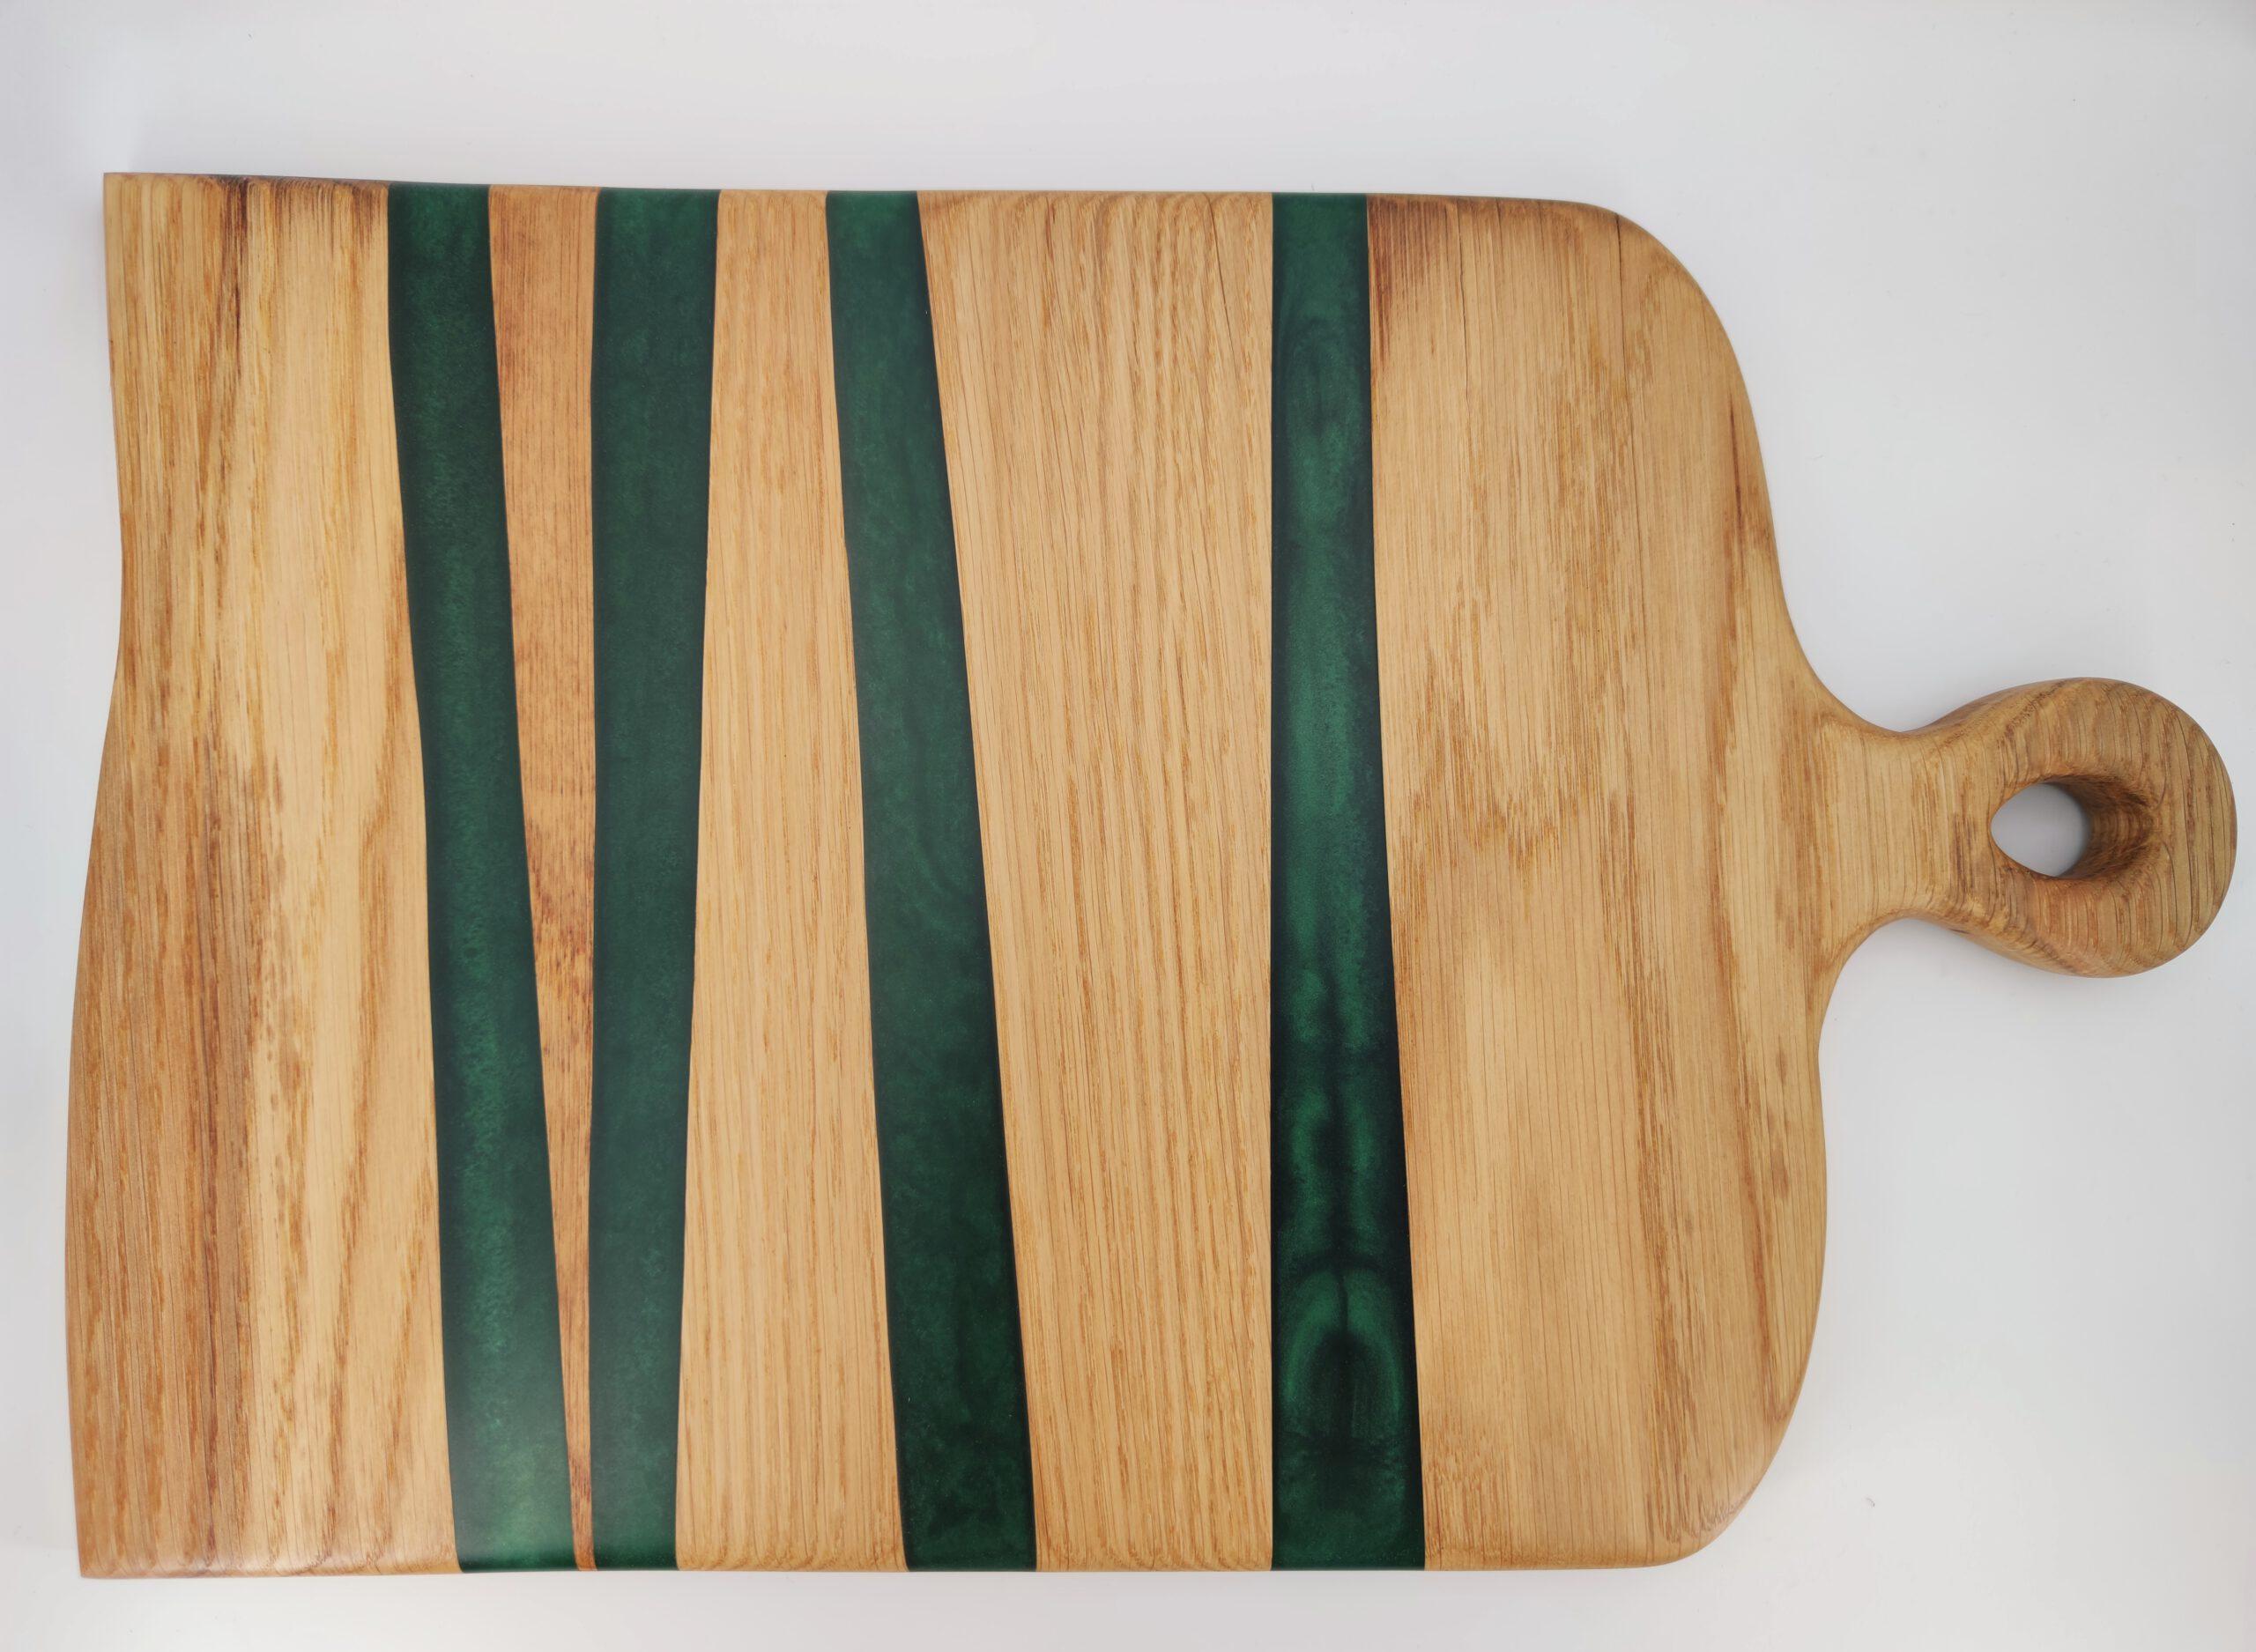 Servierbrett Eichenholz Epoxidharz grüne Streifen